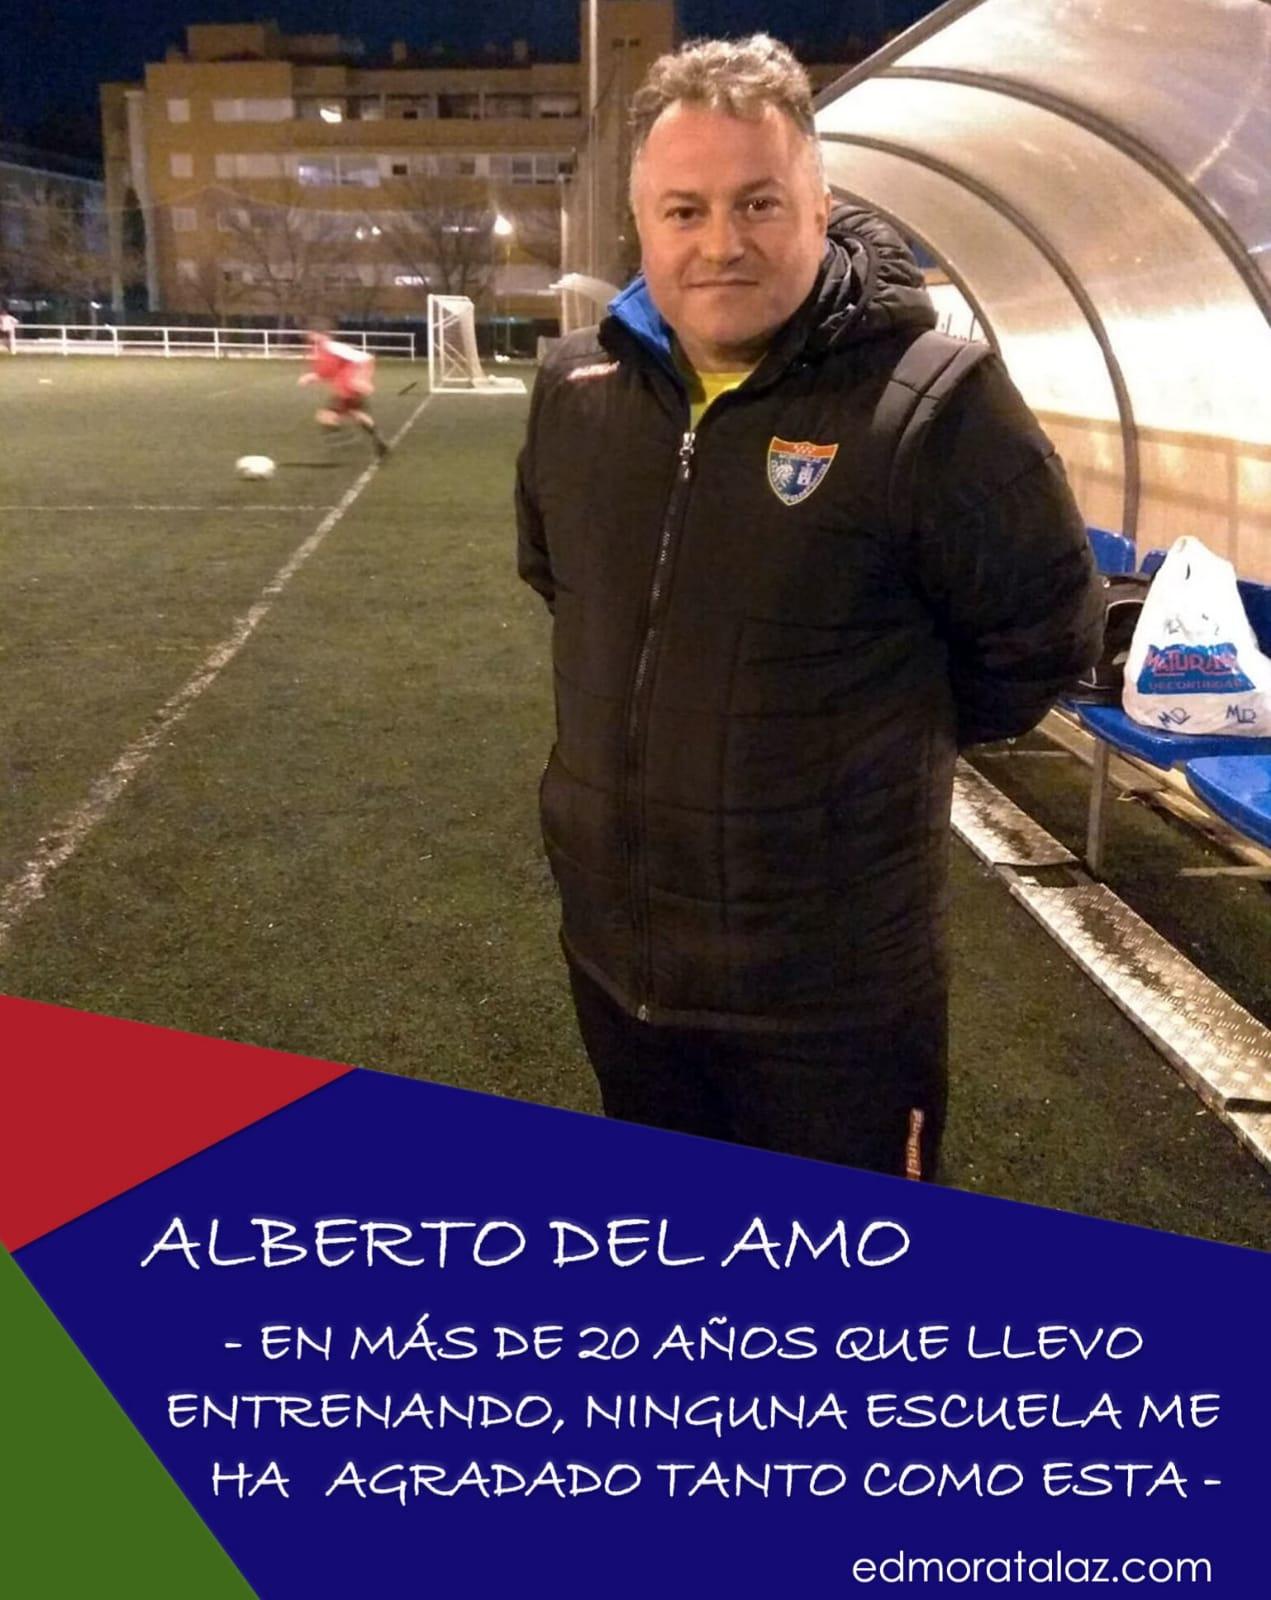 Alberto del Amo: «En más de 20 años que llevo entrenando, ninguna escuela me ha agradado tanto como esta»